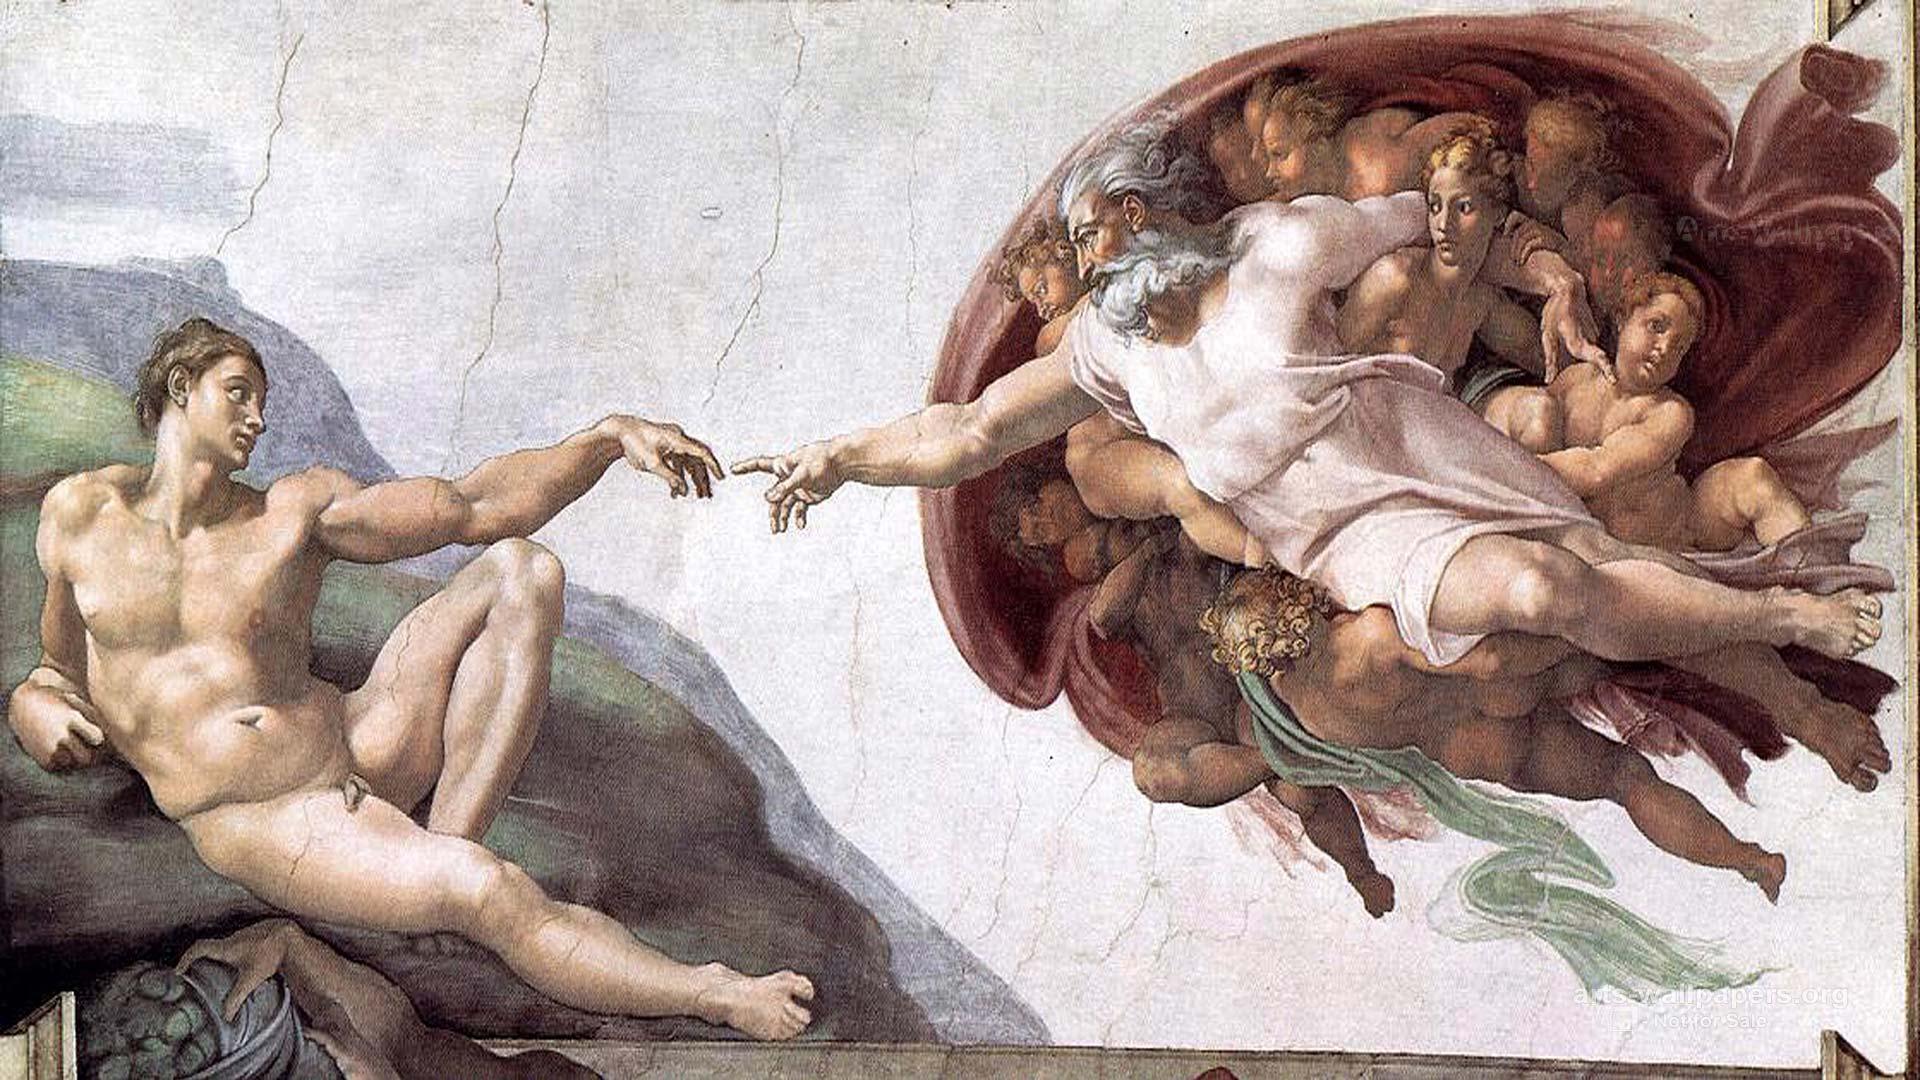 創造亞當(義:Creazione di Adamo / 英:The Creation of Adam) 1511, 230 cm x 480 cm 米開朗基羅(Michelangelo) 穹頂壁畫 梵蒂岡 西斯汀教堂 (Cappella Sistina, Musei Vaticani)